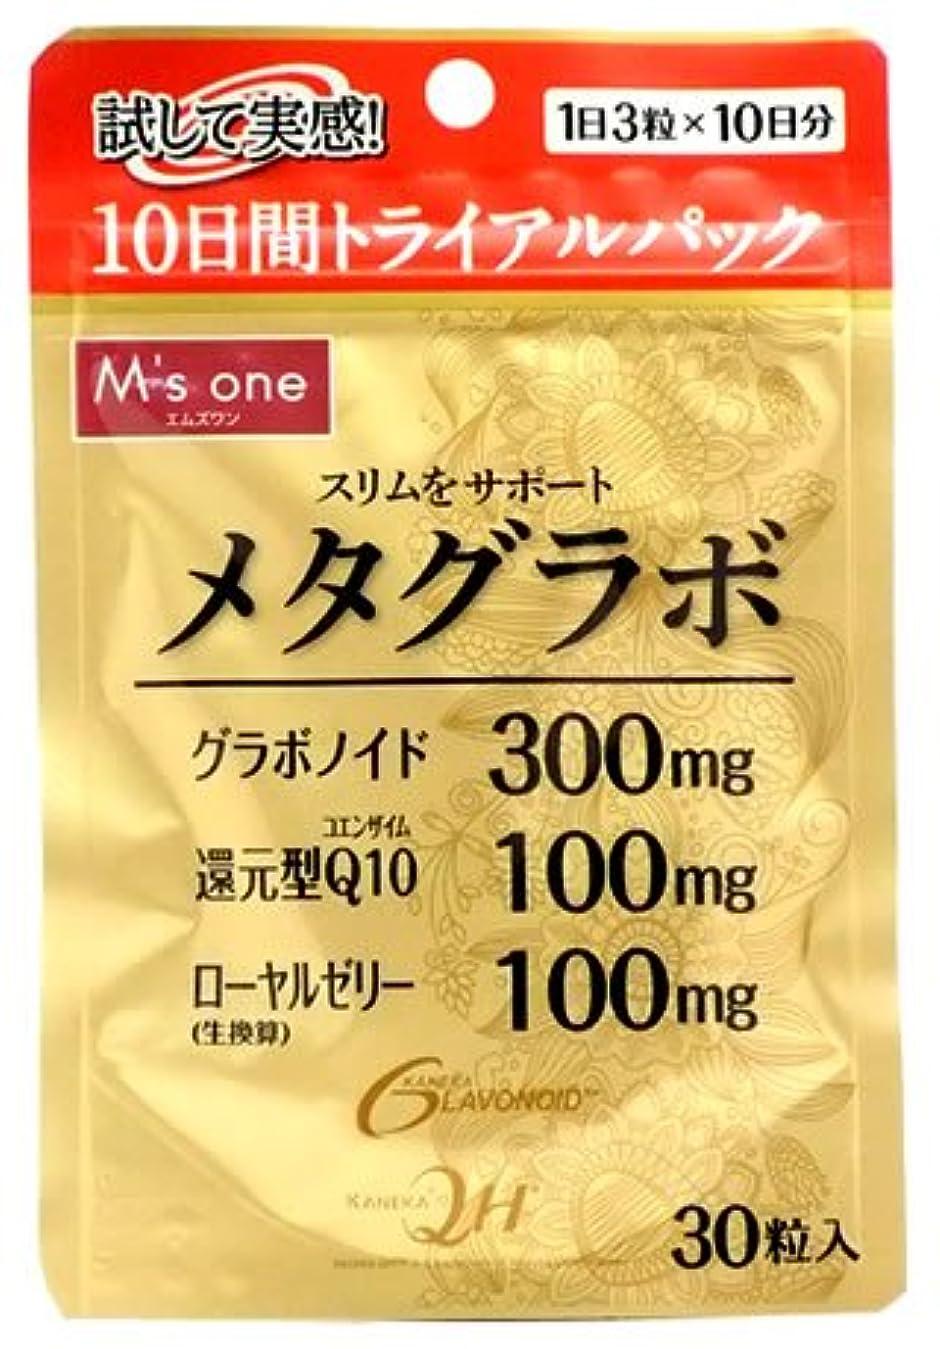 カロリー取り付け解き明かすエムズワン メタグラボ ダイエットサプリ グラボノイド 10日分 (30粒入) トライアルパック